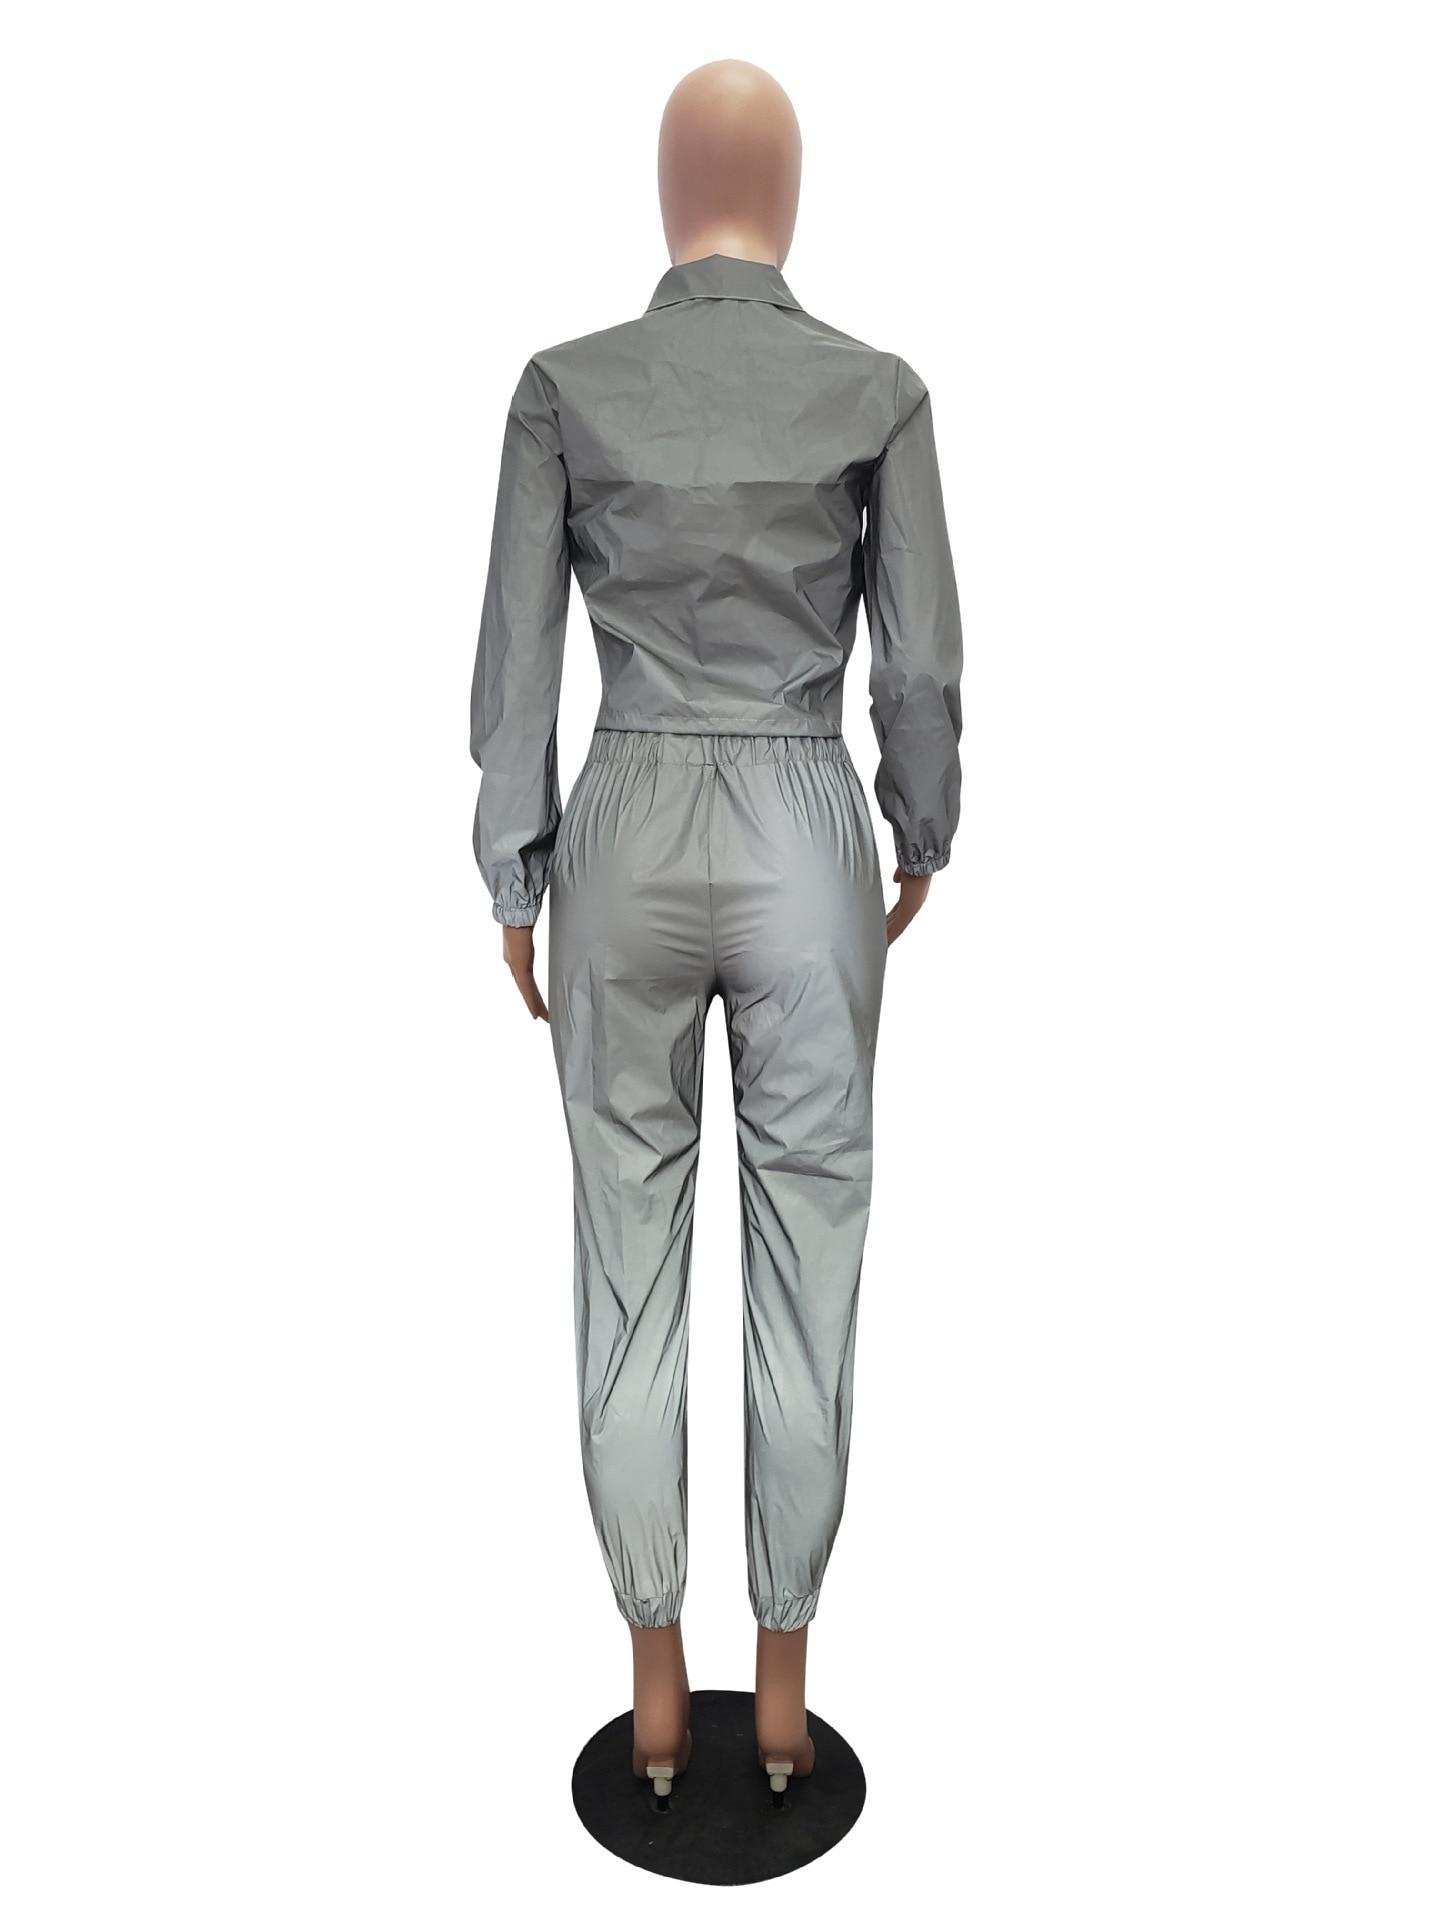 Prata Cordão Jaqueta Curta Camisola + Calças